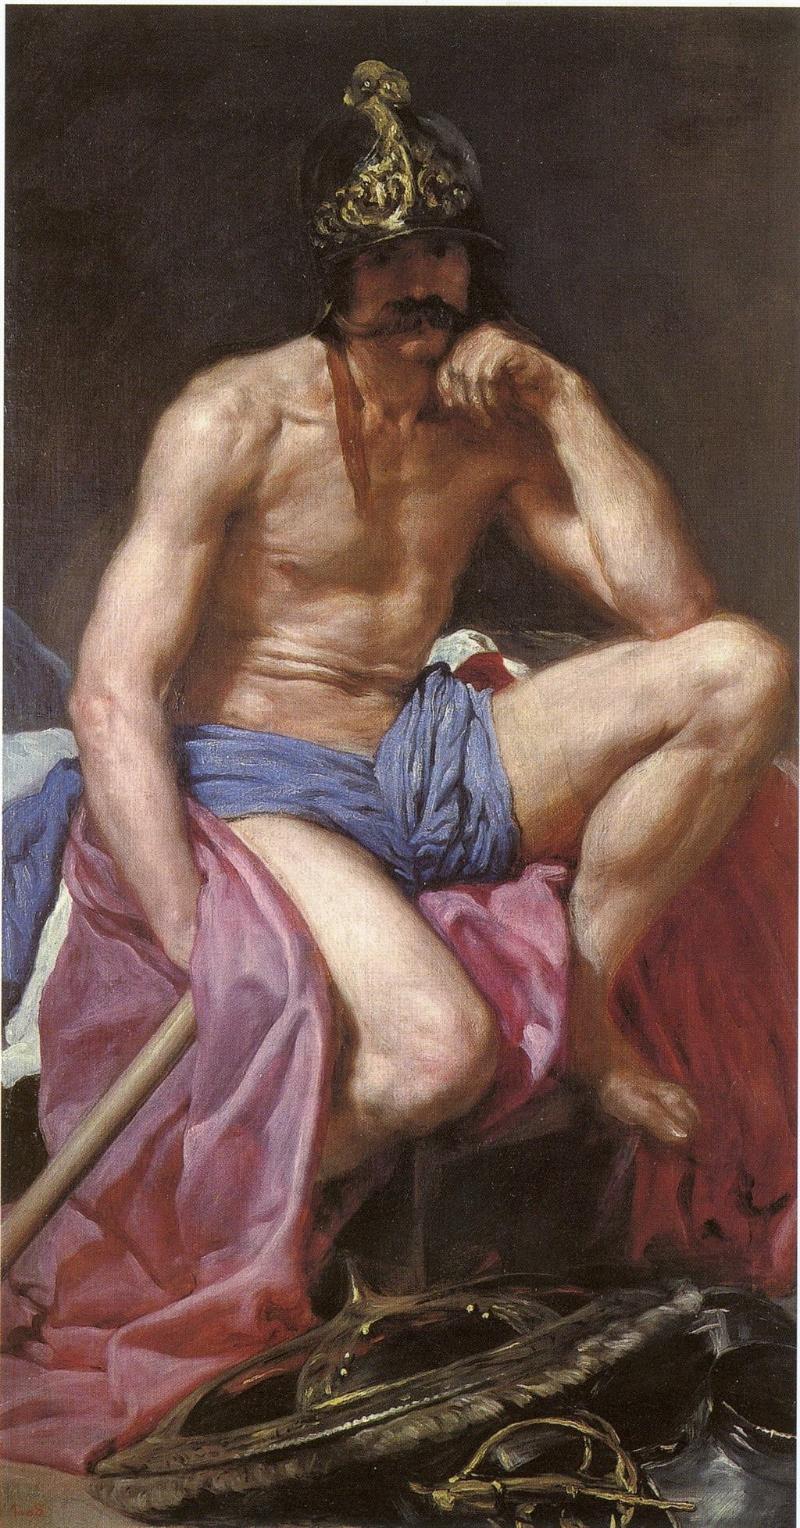 Arte de Velazquez